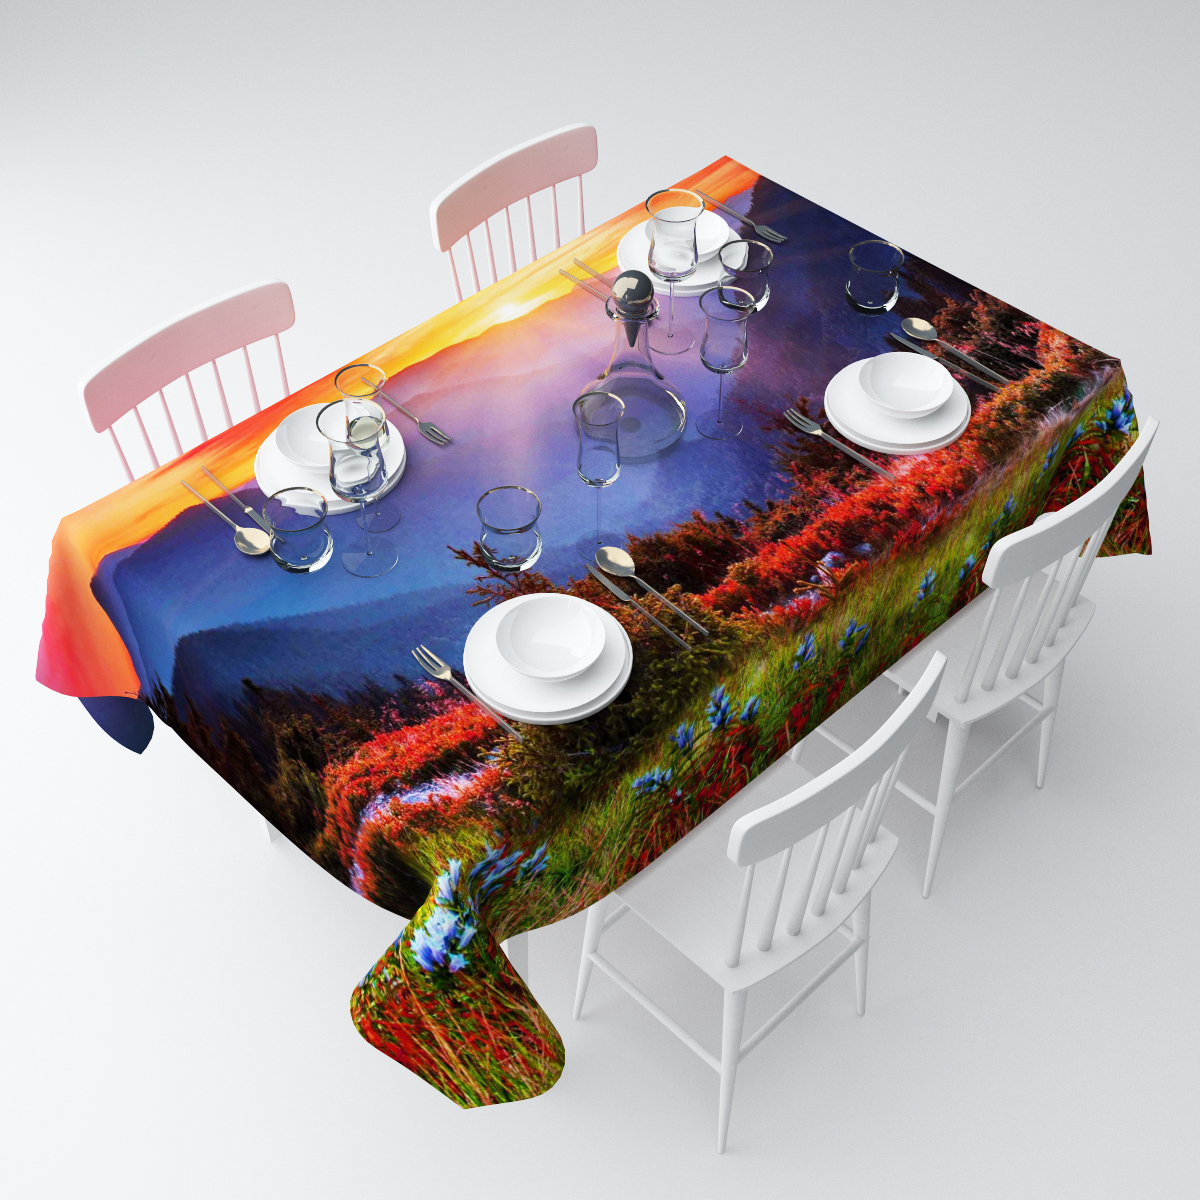 Скатерть Сирень Восход в горах, прямоугольная, 145 х 120 смСКГБ003-04560Прямоугольная скатерть Сирень Восход в горах, выполненная изгабардина с ярким рисунком, преобразит вашу кухню, визуальнорасширит пространство, создаст атмосферу радости и комфорта.Рекомендации по уходу: стирка при 30 градусах, гладить при температуре до 110градусов. Размер скатерти: 145 х 120 см.Изображение может немного отличаться от реального.